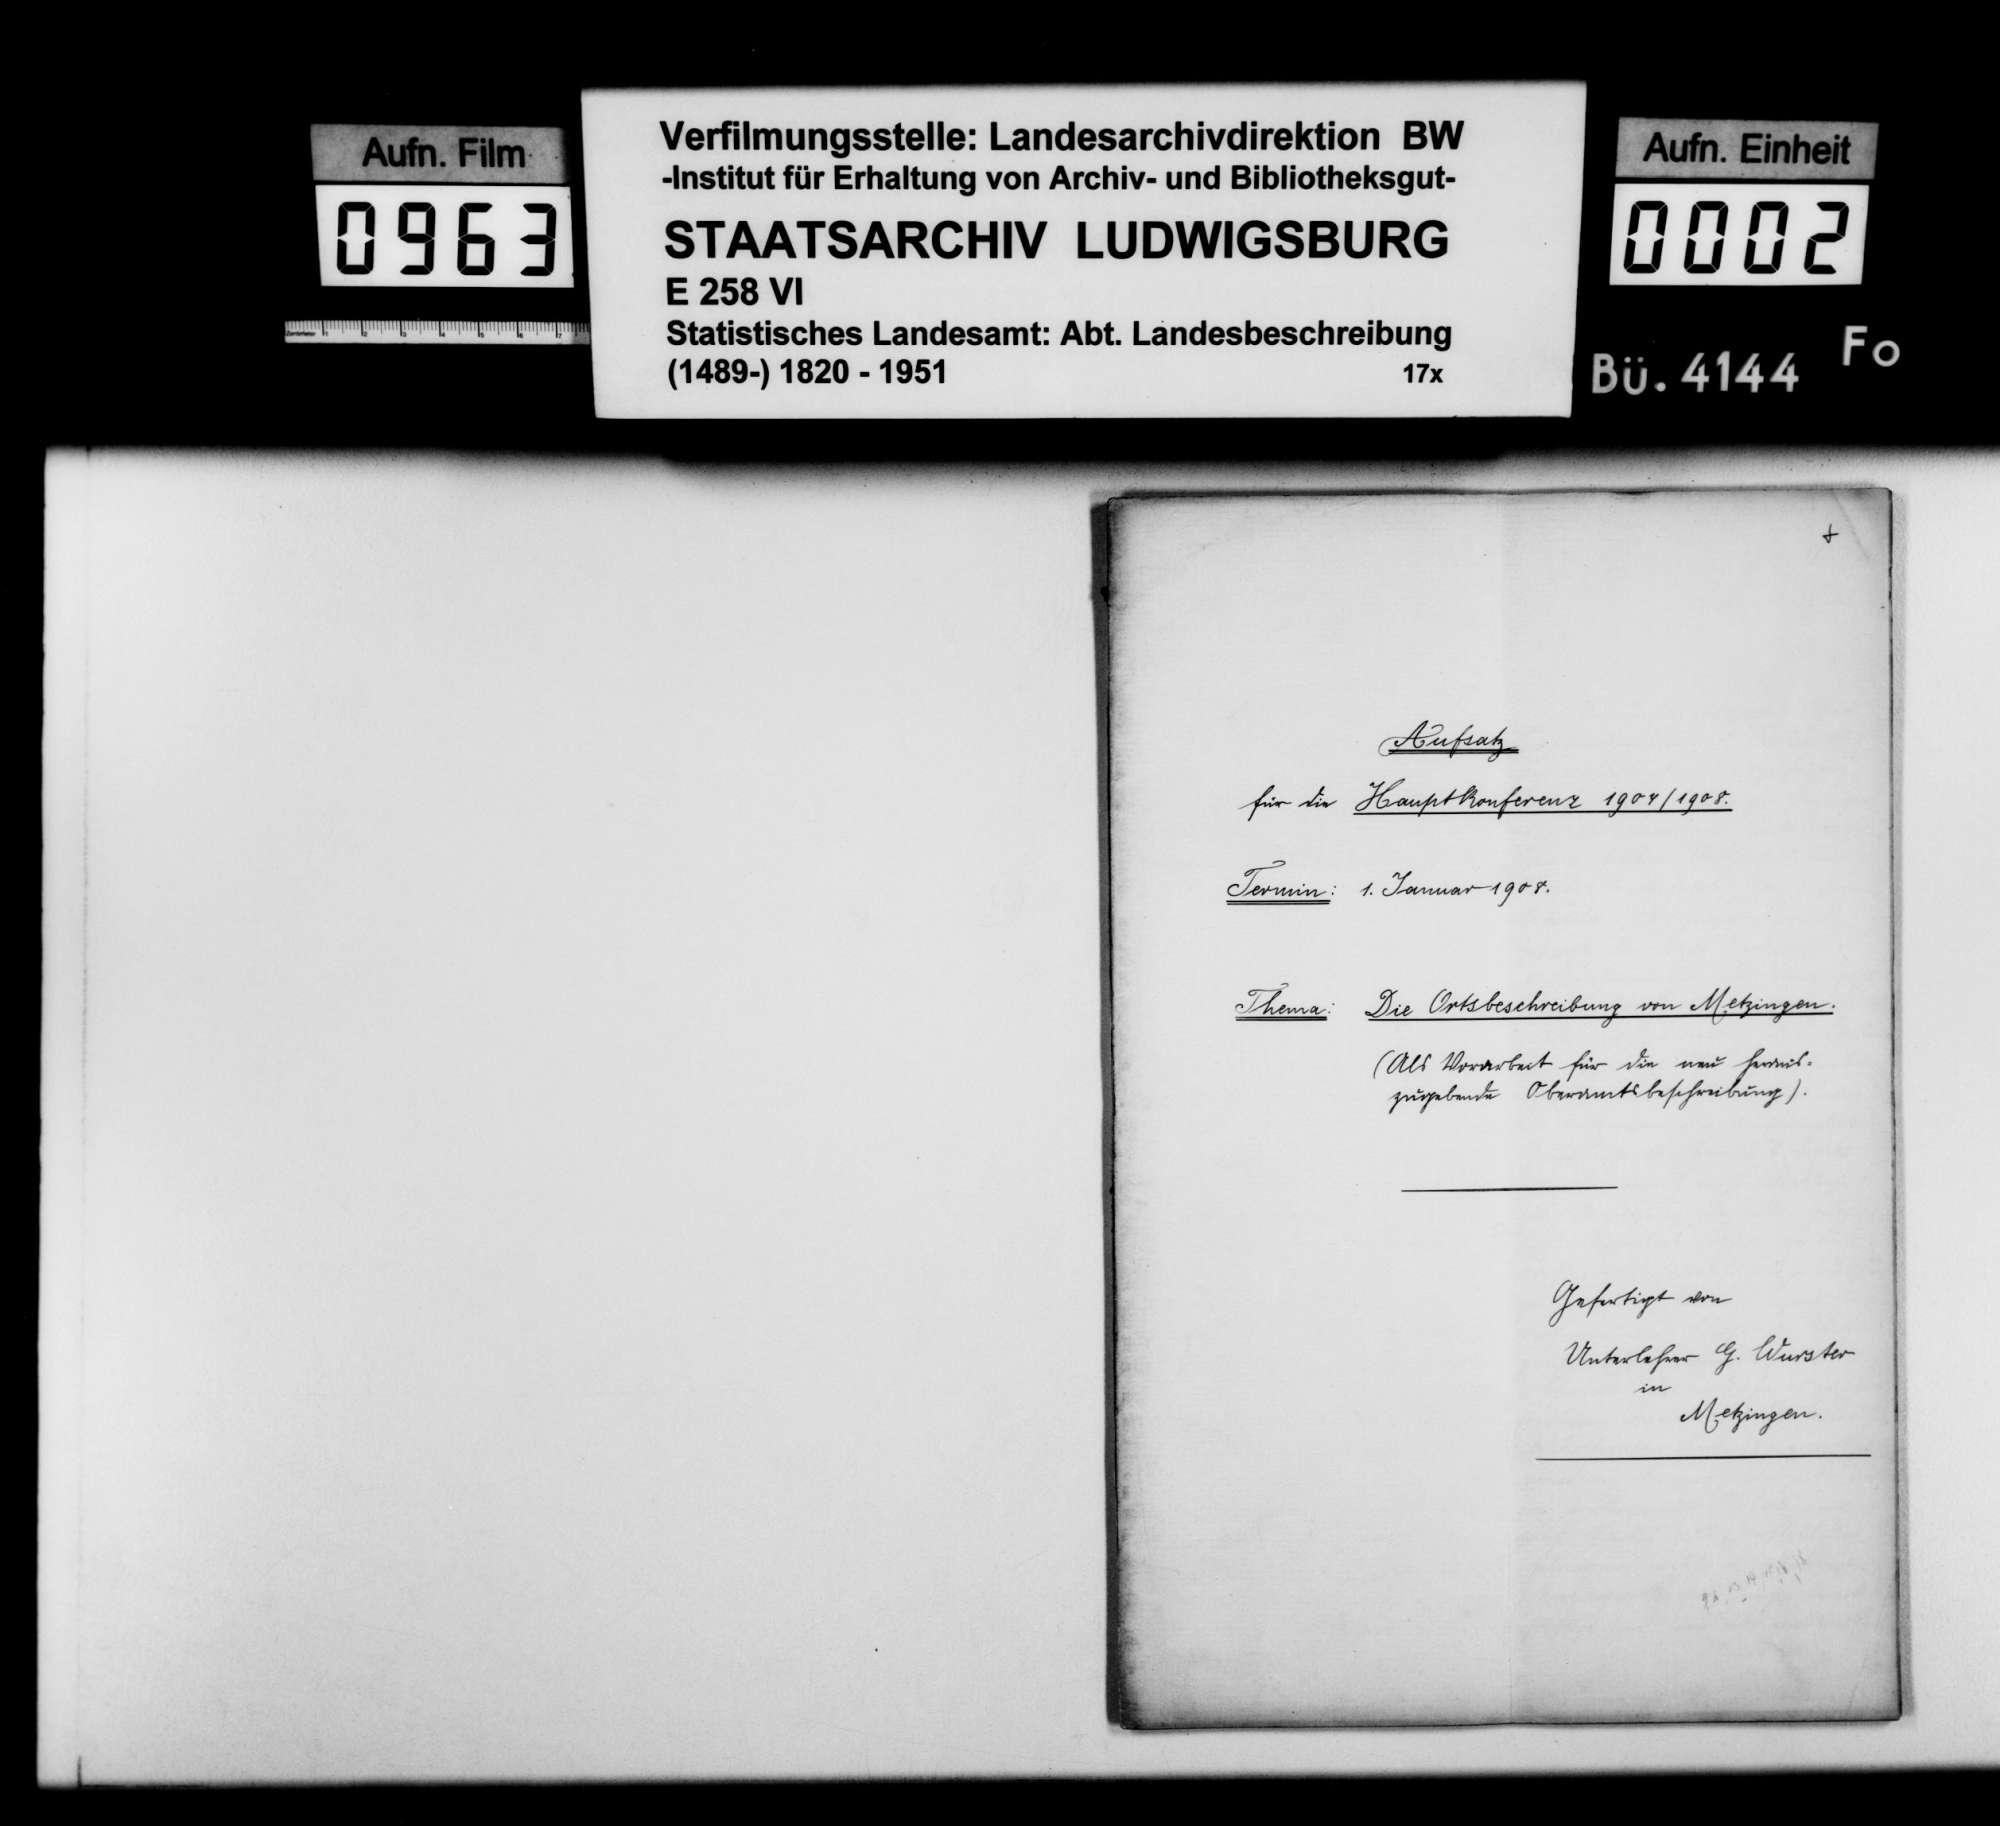 Konferenzaufsätze des Unterlehrers G. Wurster und des Hilfslehrers Gustav Strohmaier zur Ortsbeschreibung von Metzingen, Bild 1